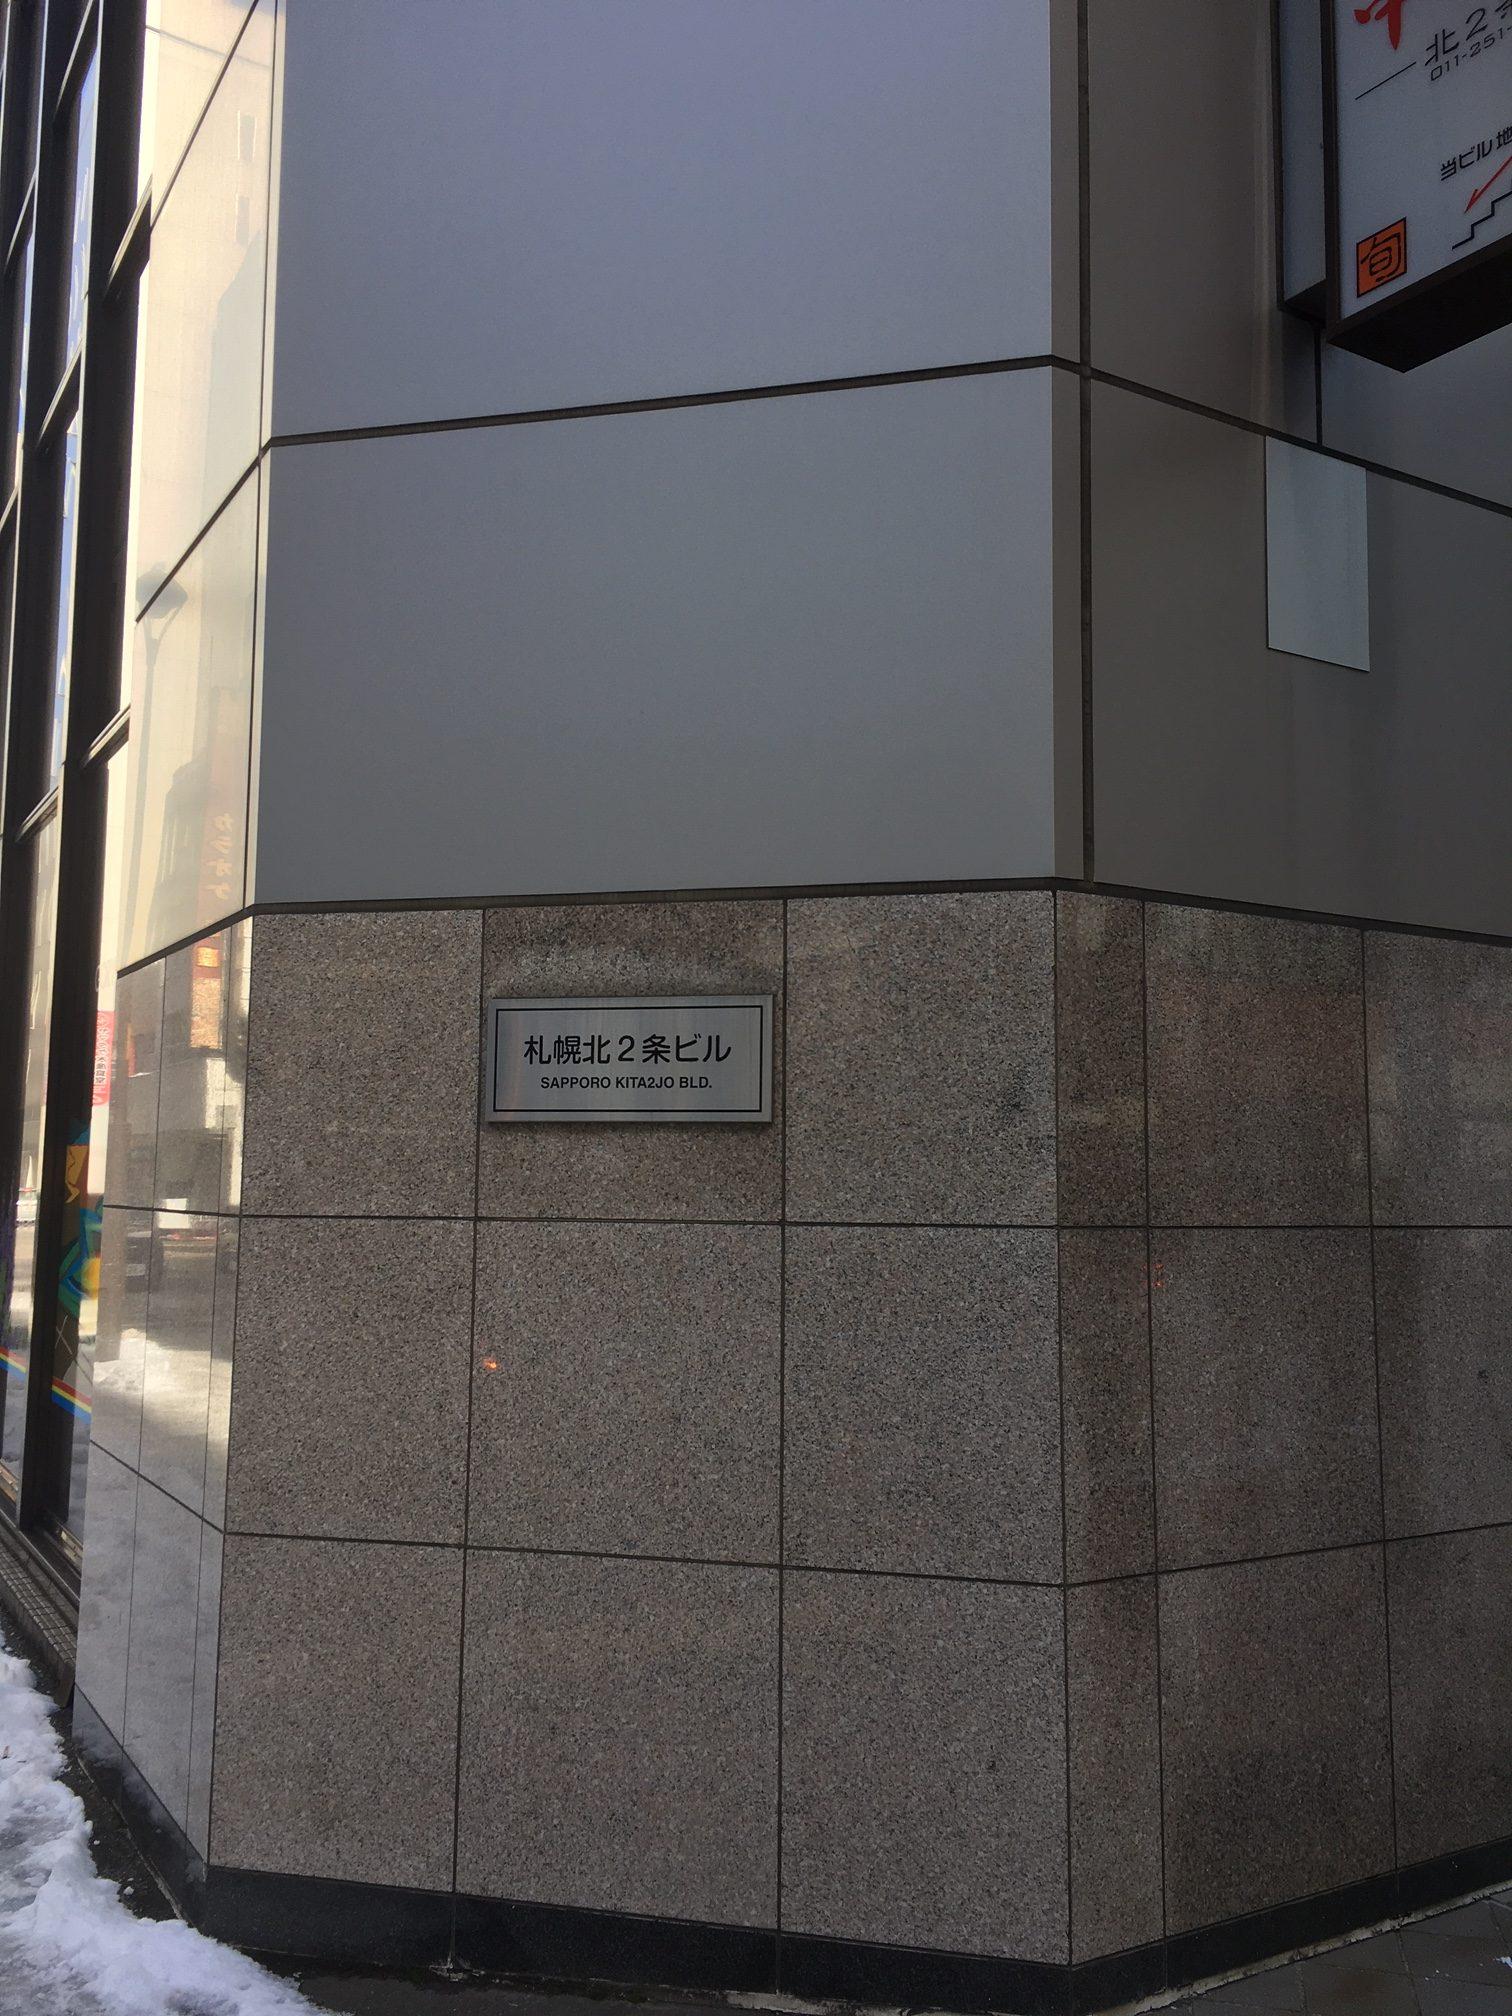 札幌北2条ビル